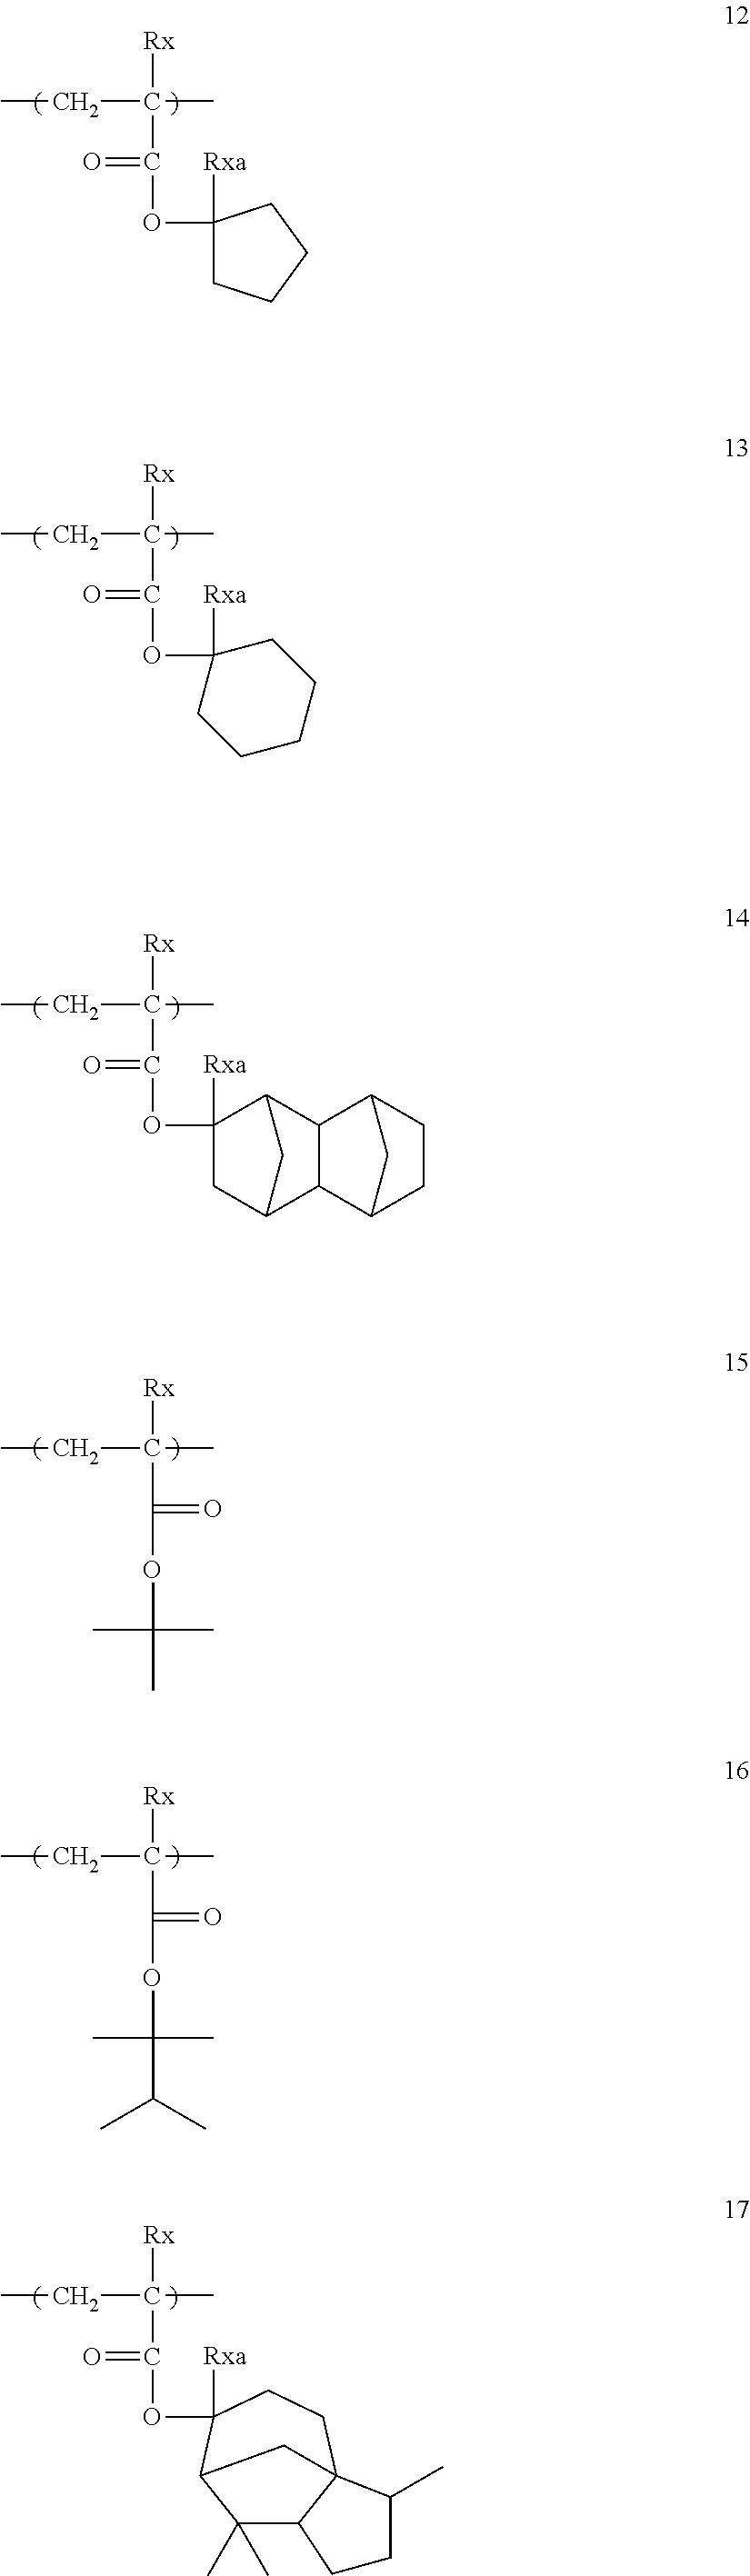 Figure US20110183258A1-20110728-C00032